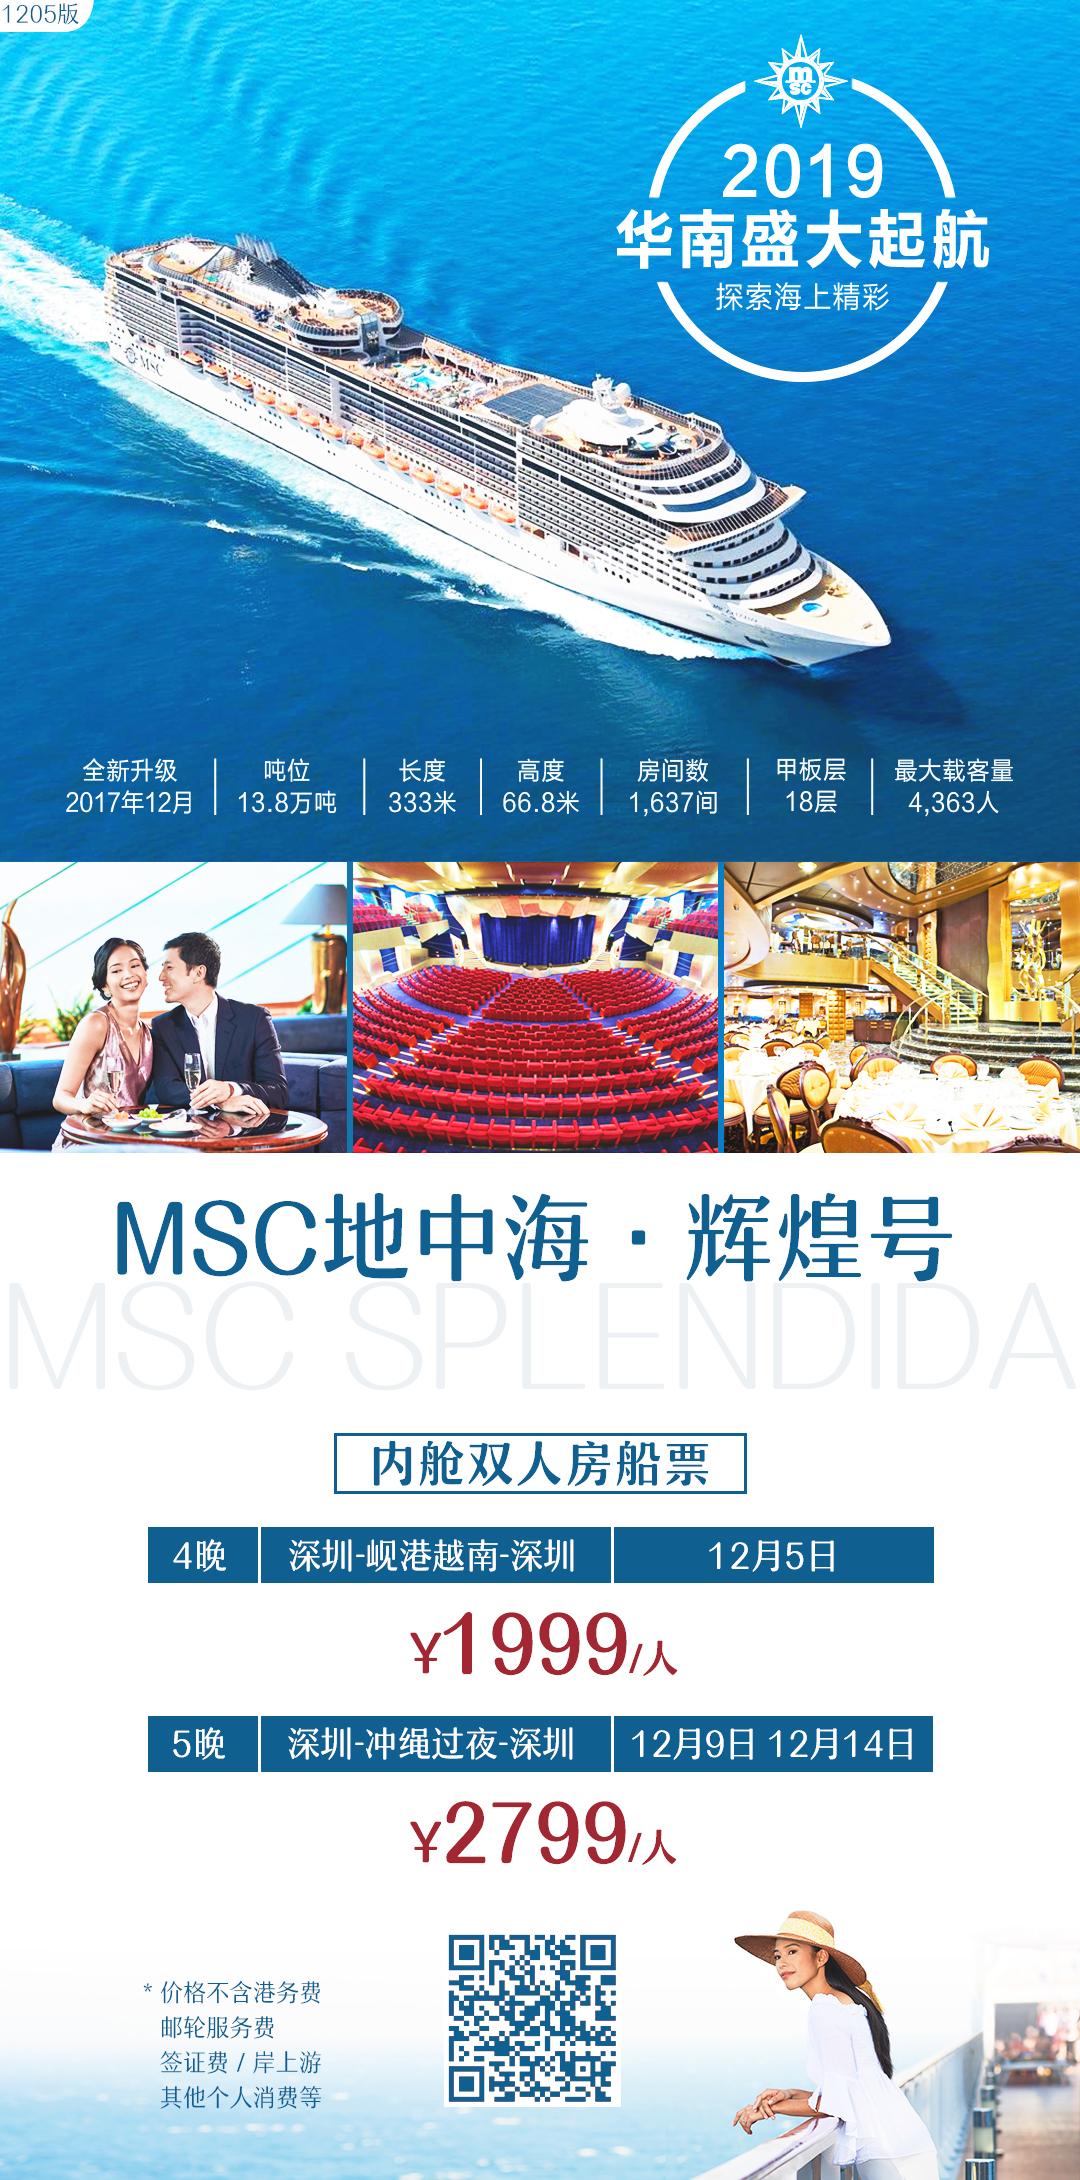 【邮轮特惠】MSC地中海·辉煌号、岘港-越南4晚航线、日本冲绳过夜